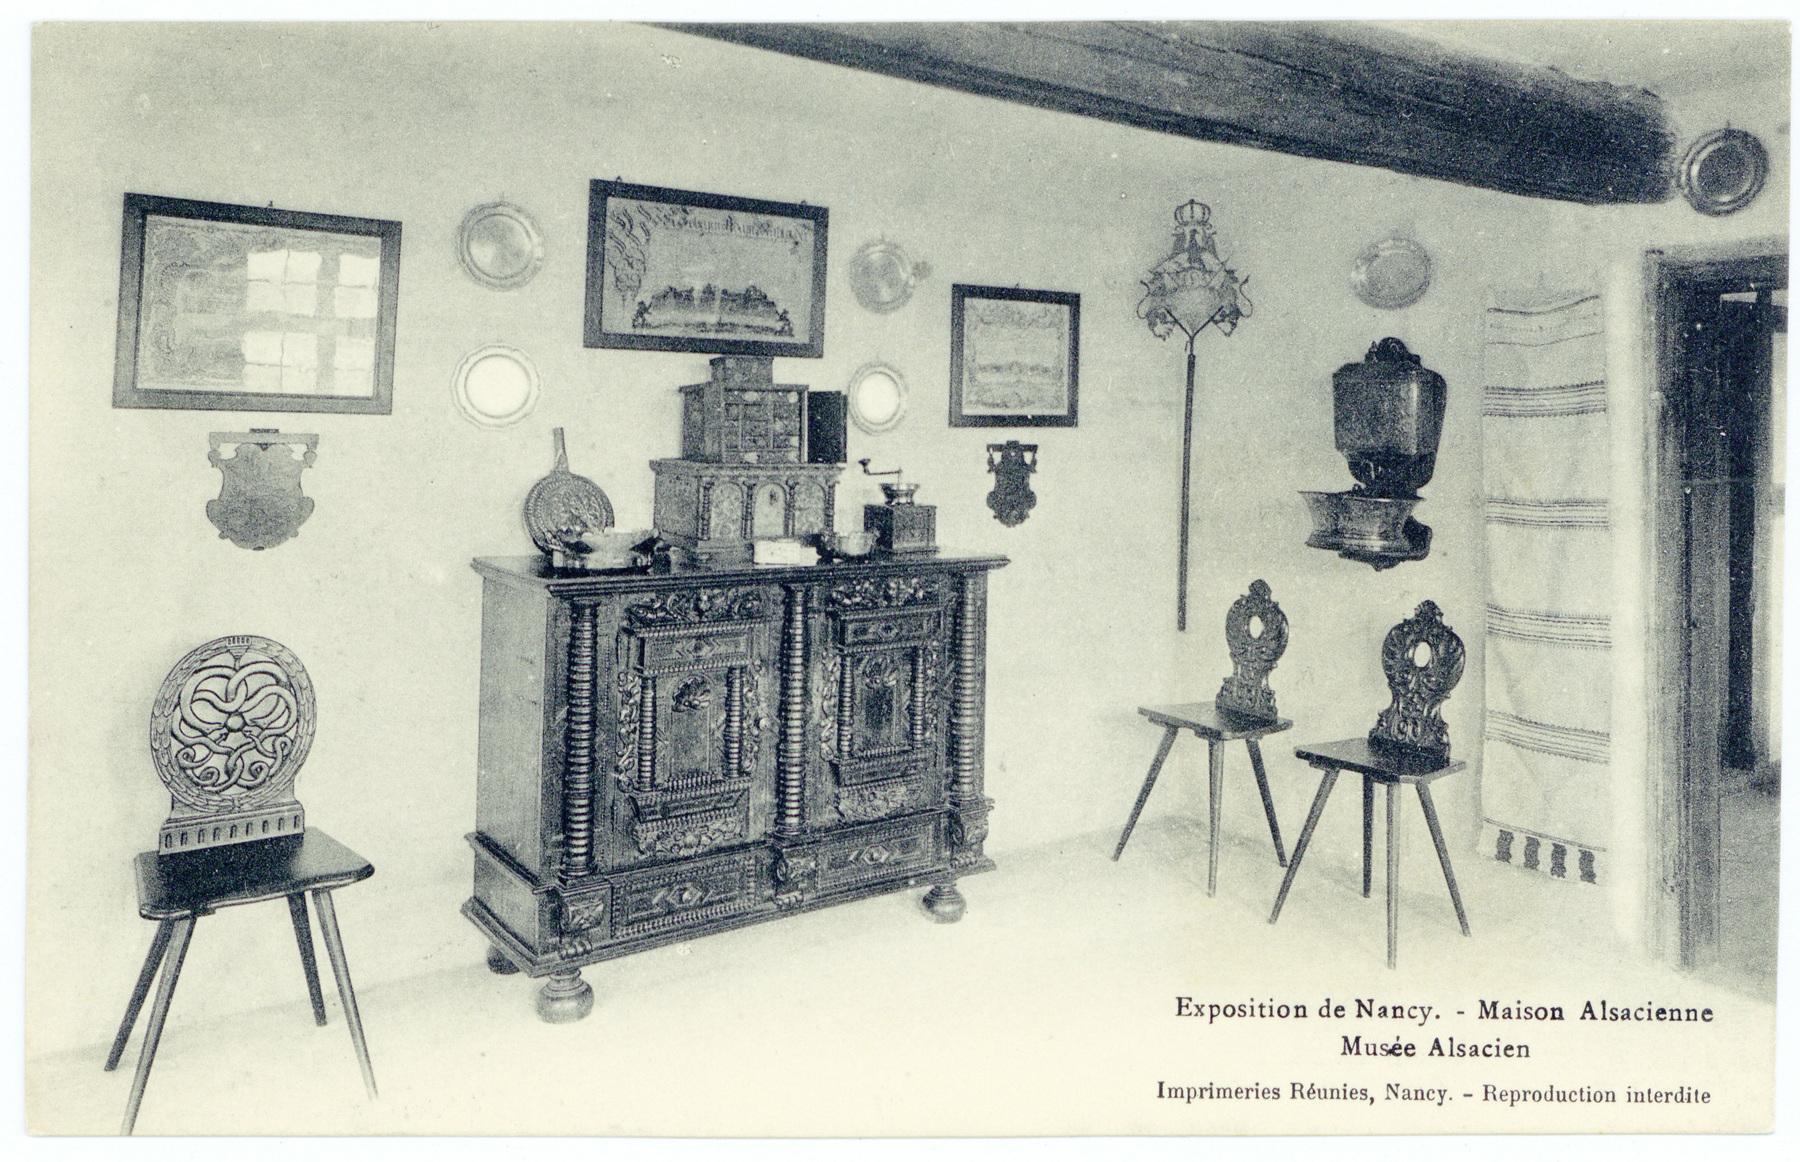 Contenu du Musée Alsacien - intérieur